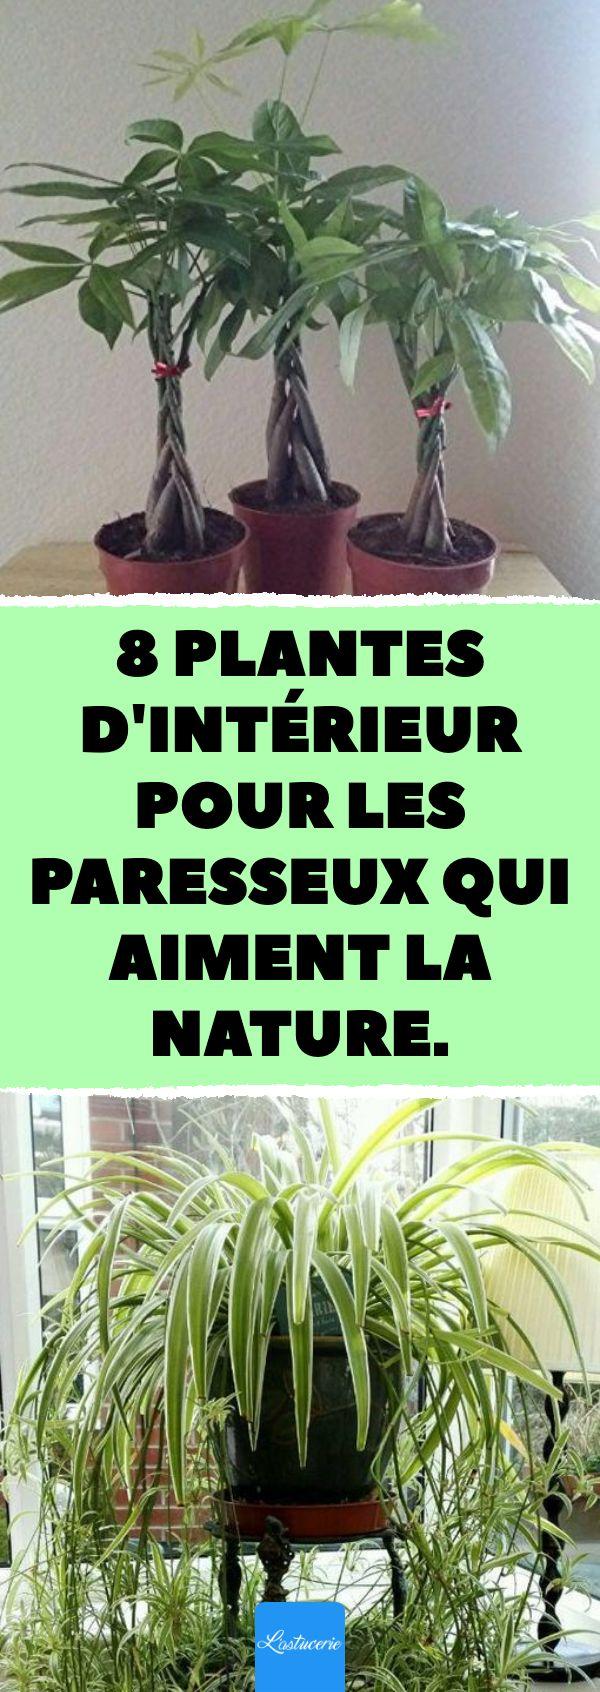 eight plantes d'intérieur pour les paresseux qui aiment l. a. nature. #plantes #intér…